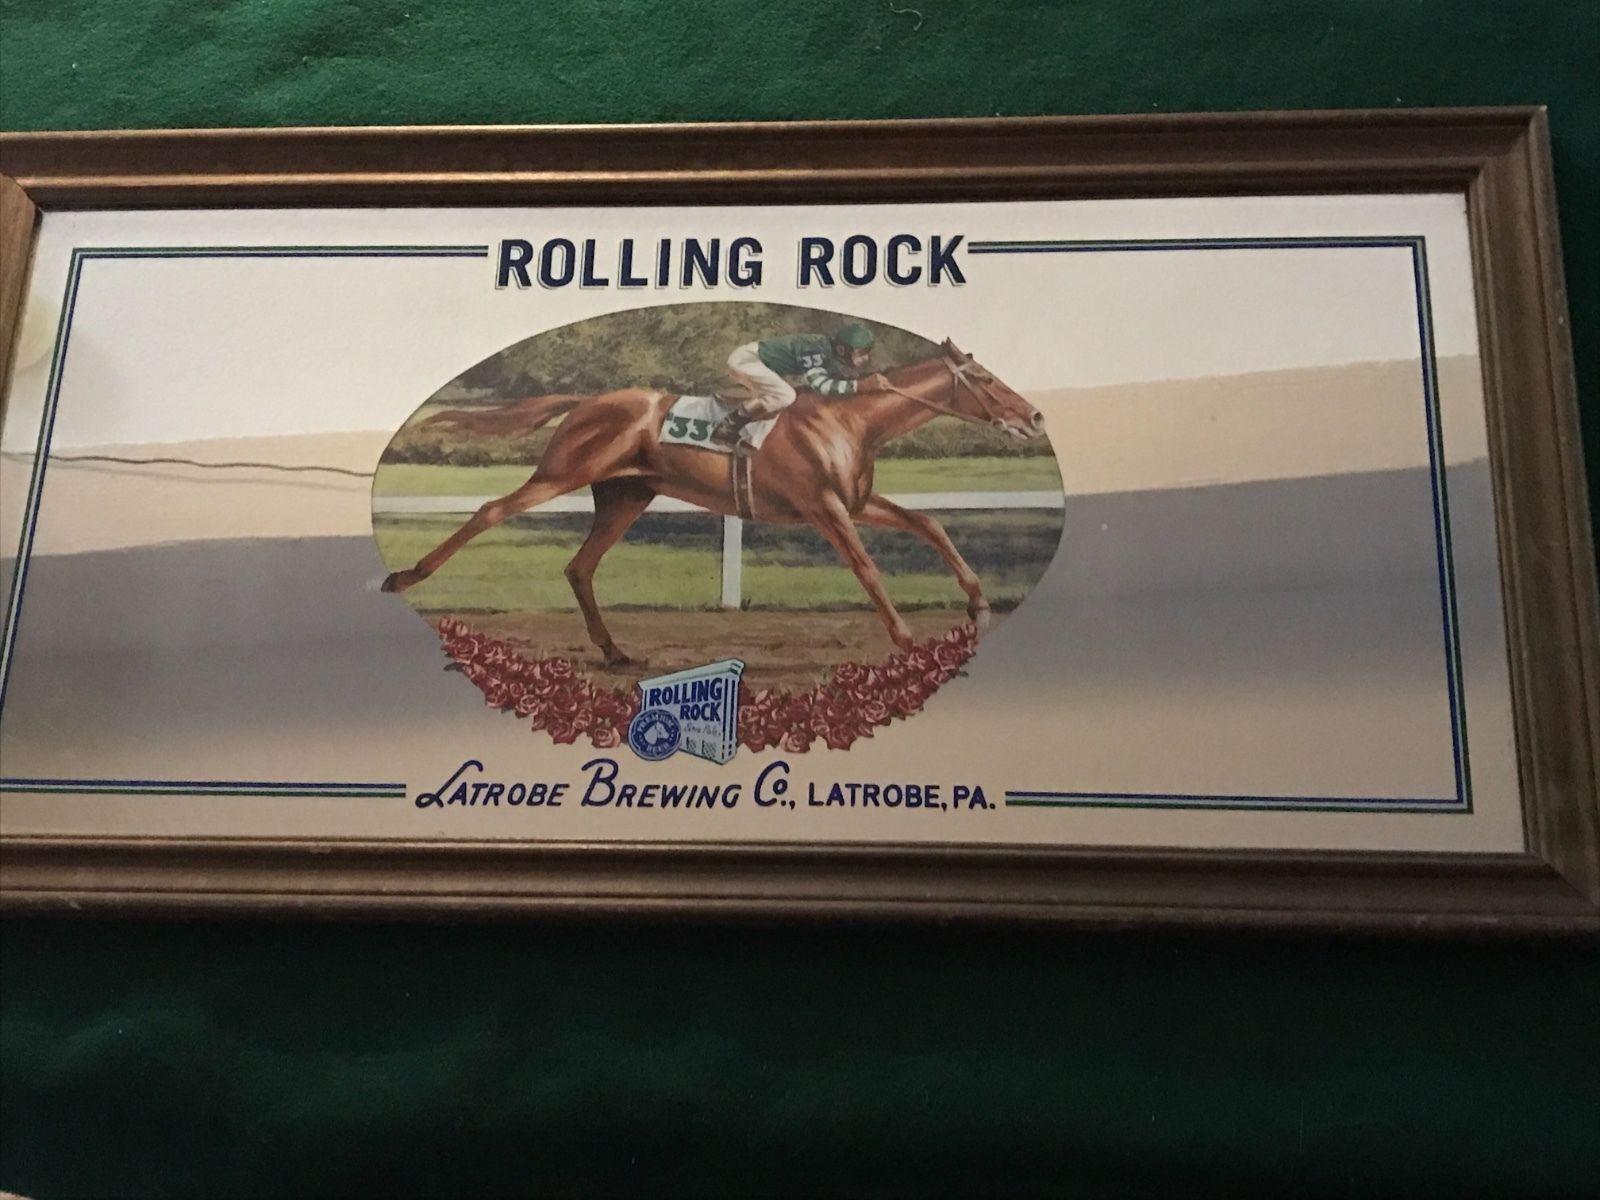 Rolling Rock Beer Mirror Horse Racing Rolling rock beer